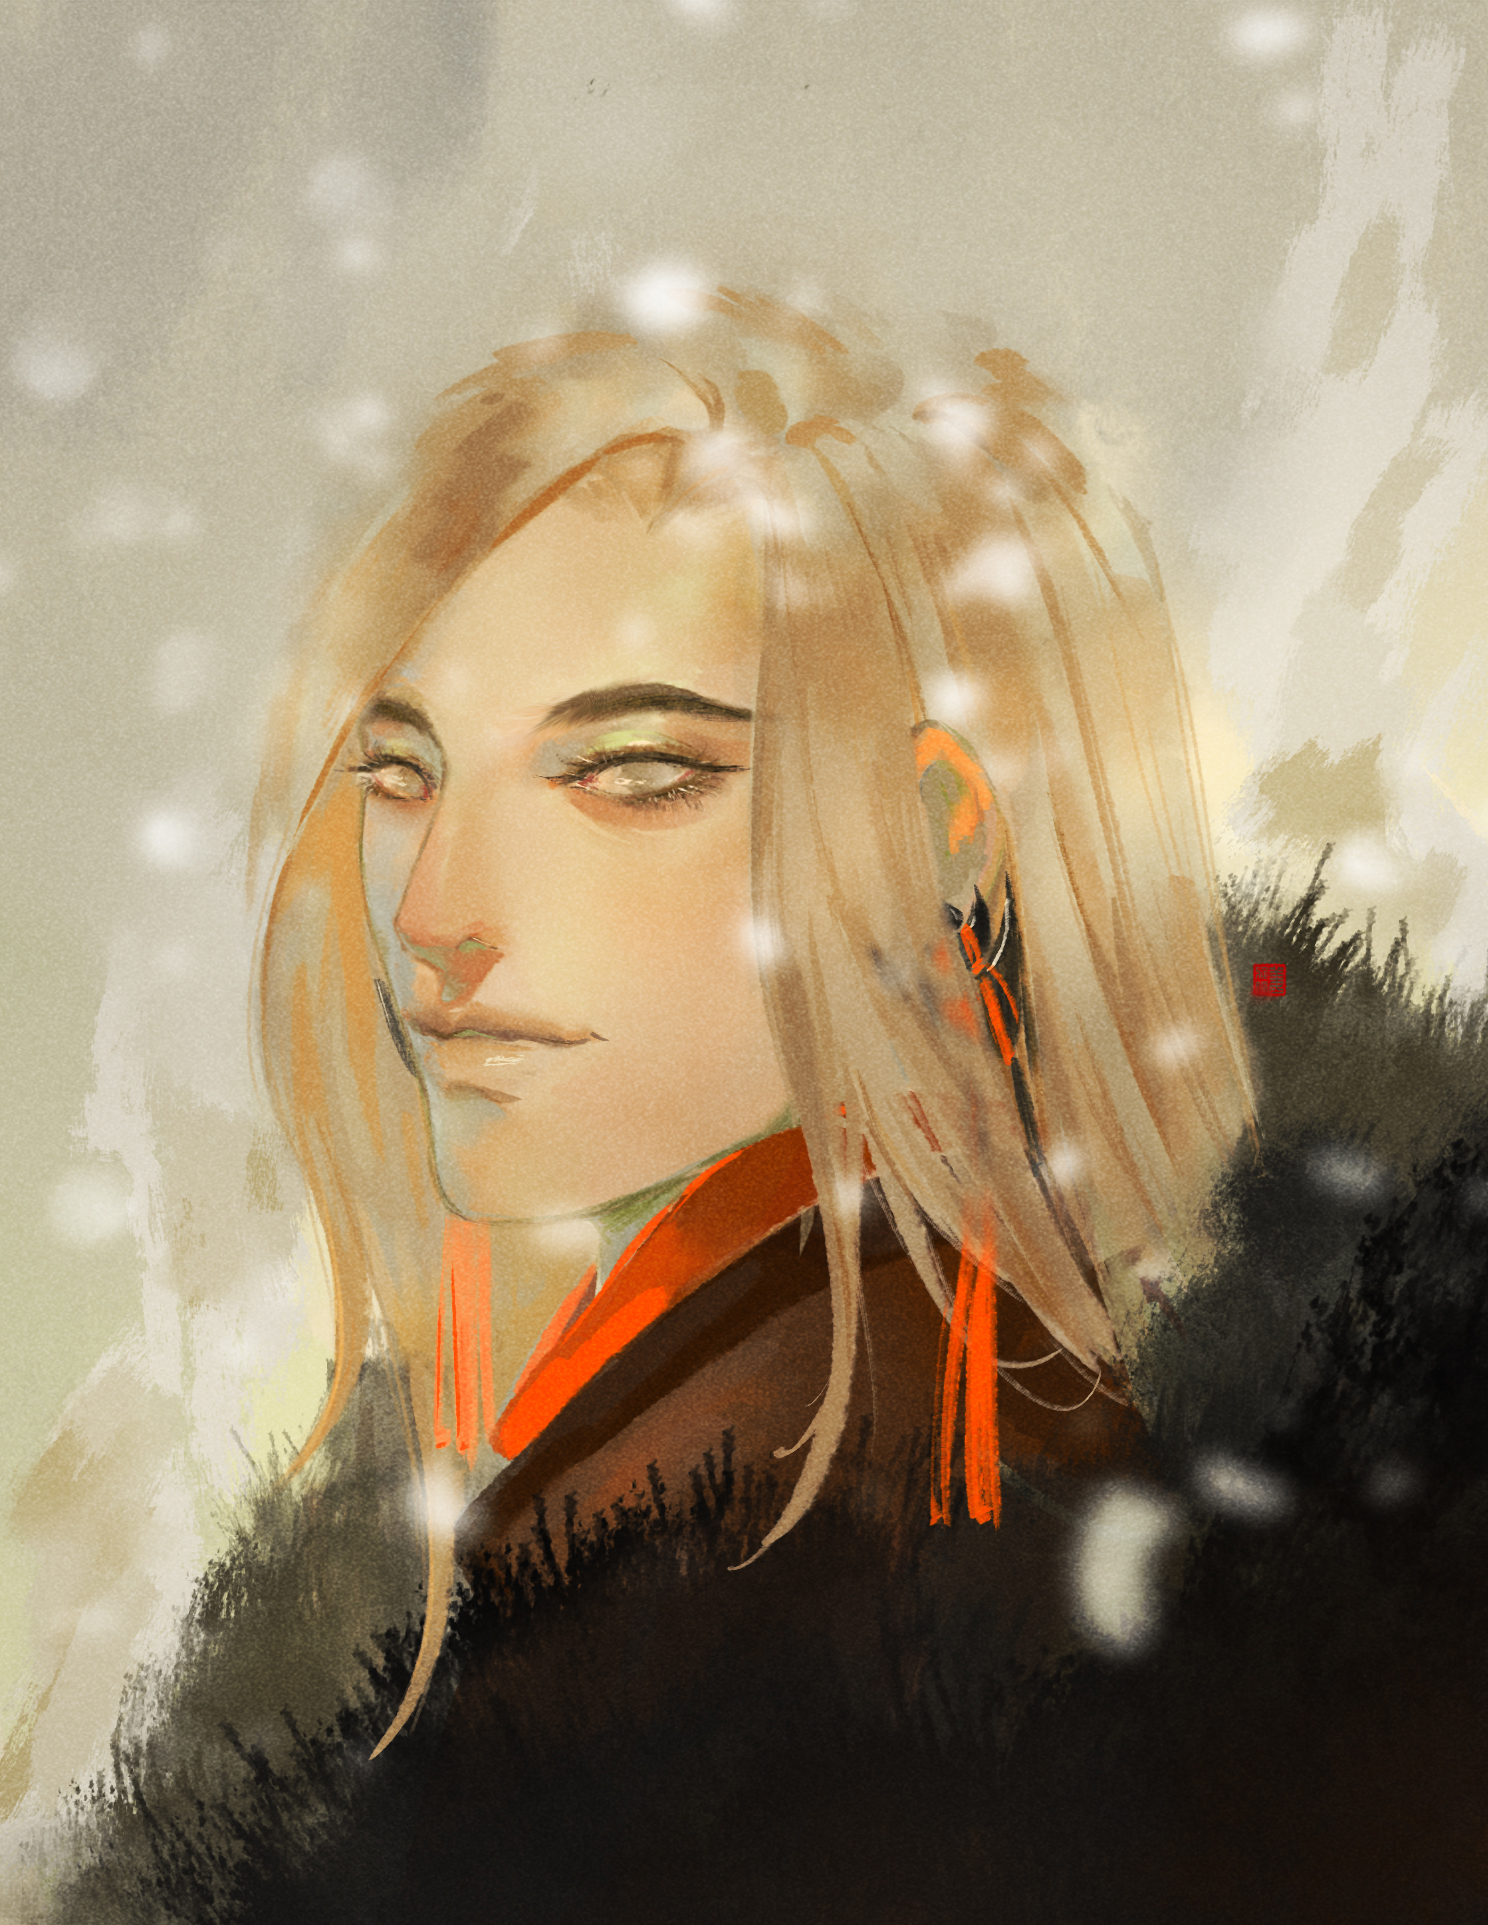 01_09_repaint_a.jpg